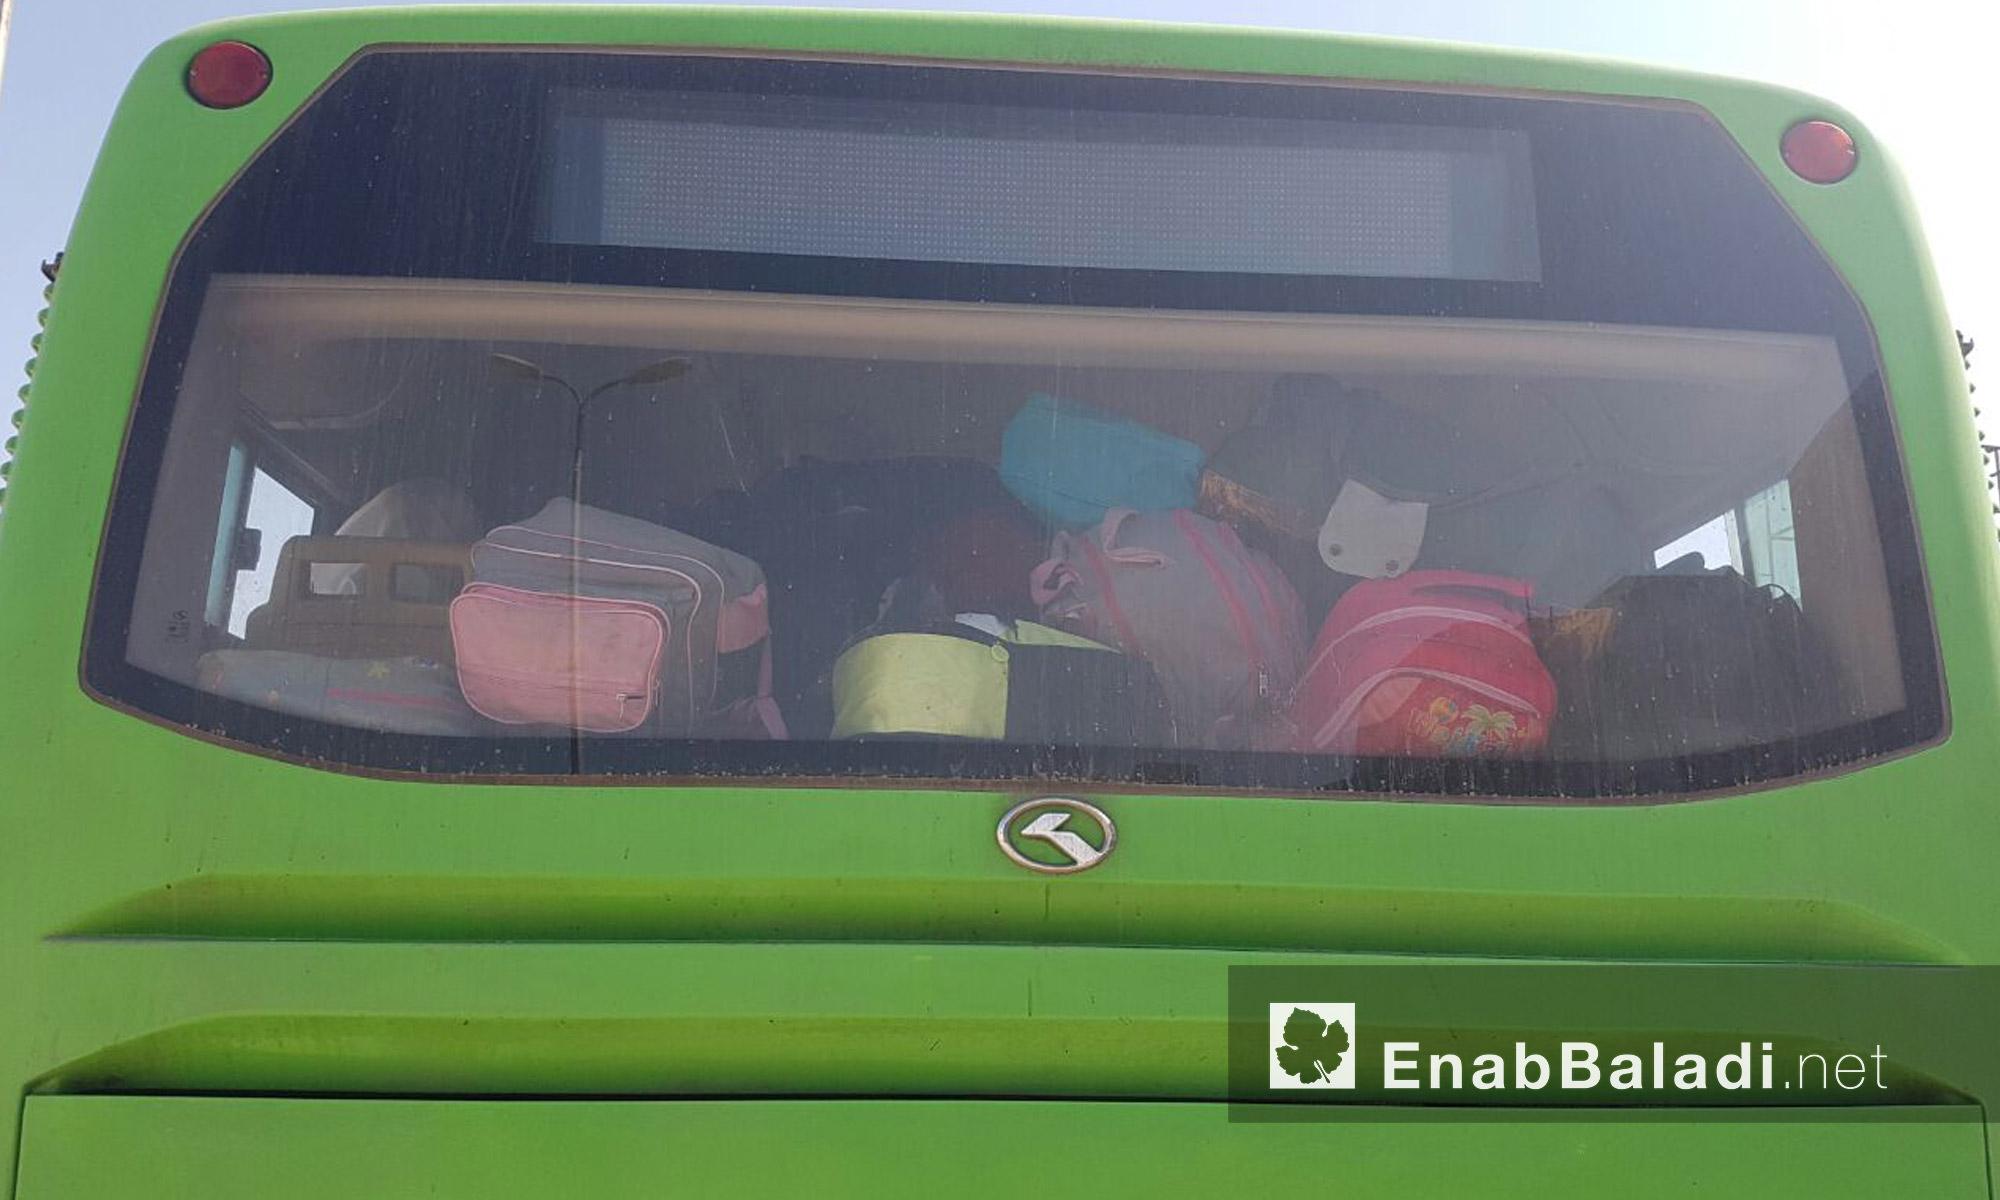 حقائب عائلات الوعر داخل الباص الأخضر قبل خروجهم إلى ريف حمص الشمالي - الخميس 23 أيلول (عنب بلدي)